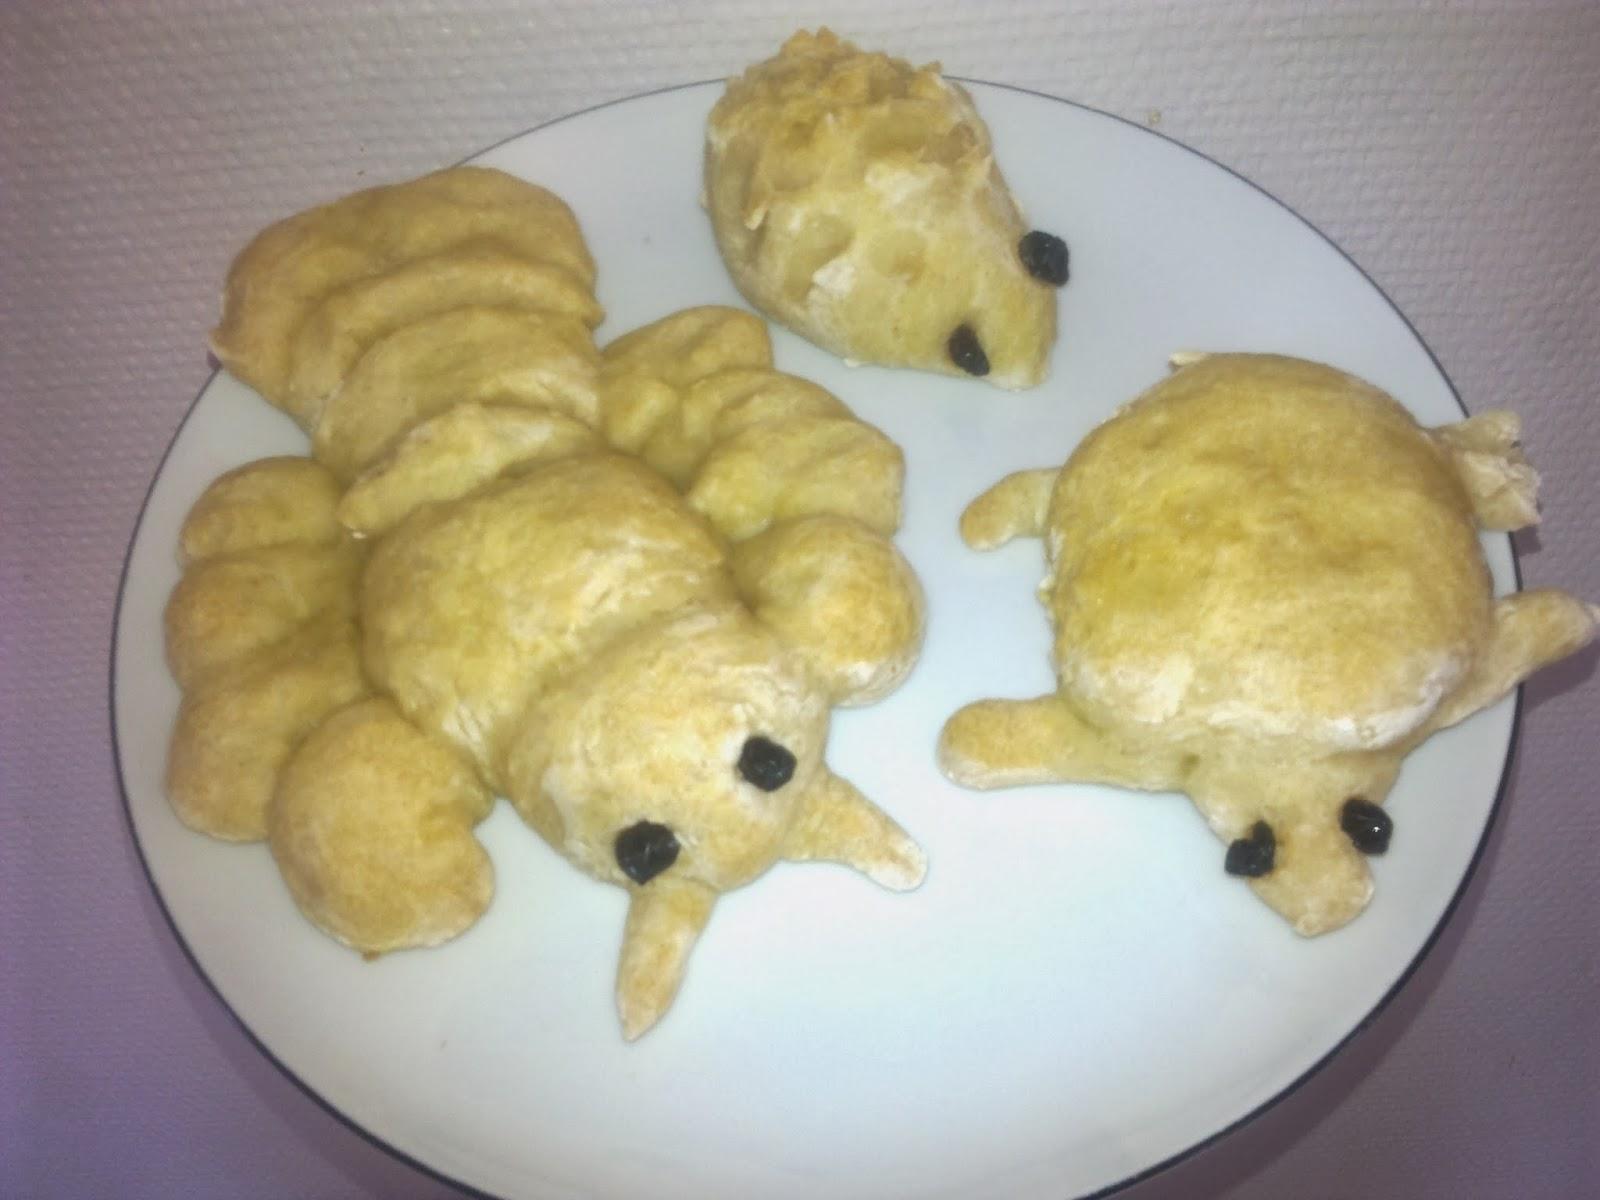 glutenfri croissanter opskrift